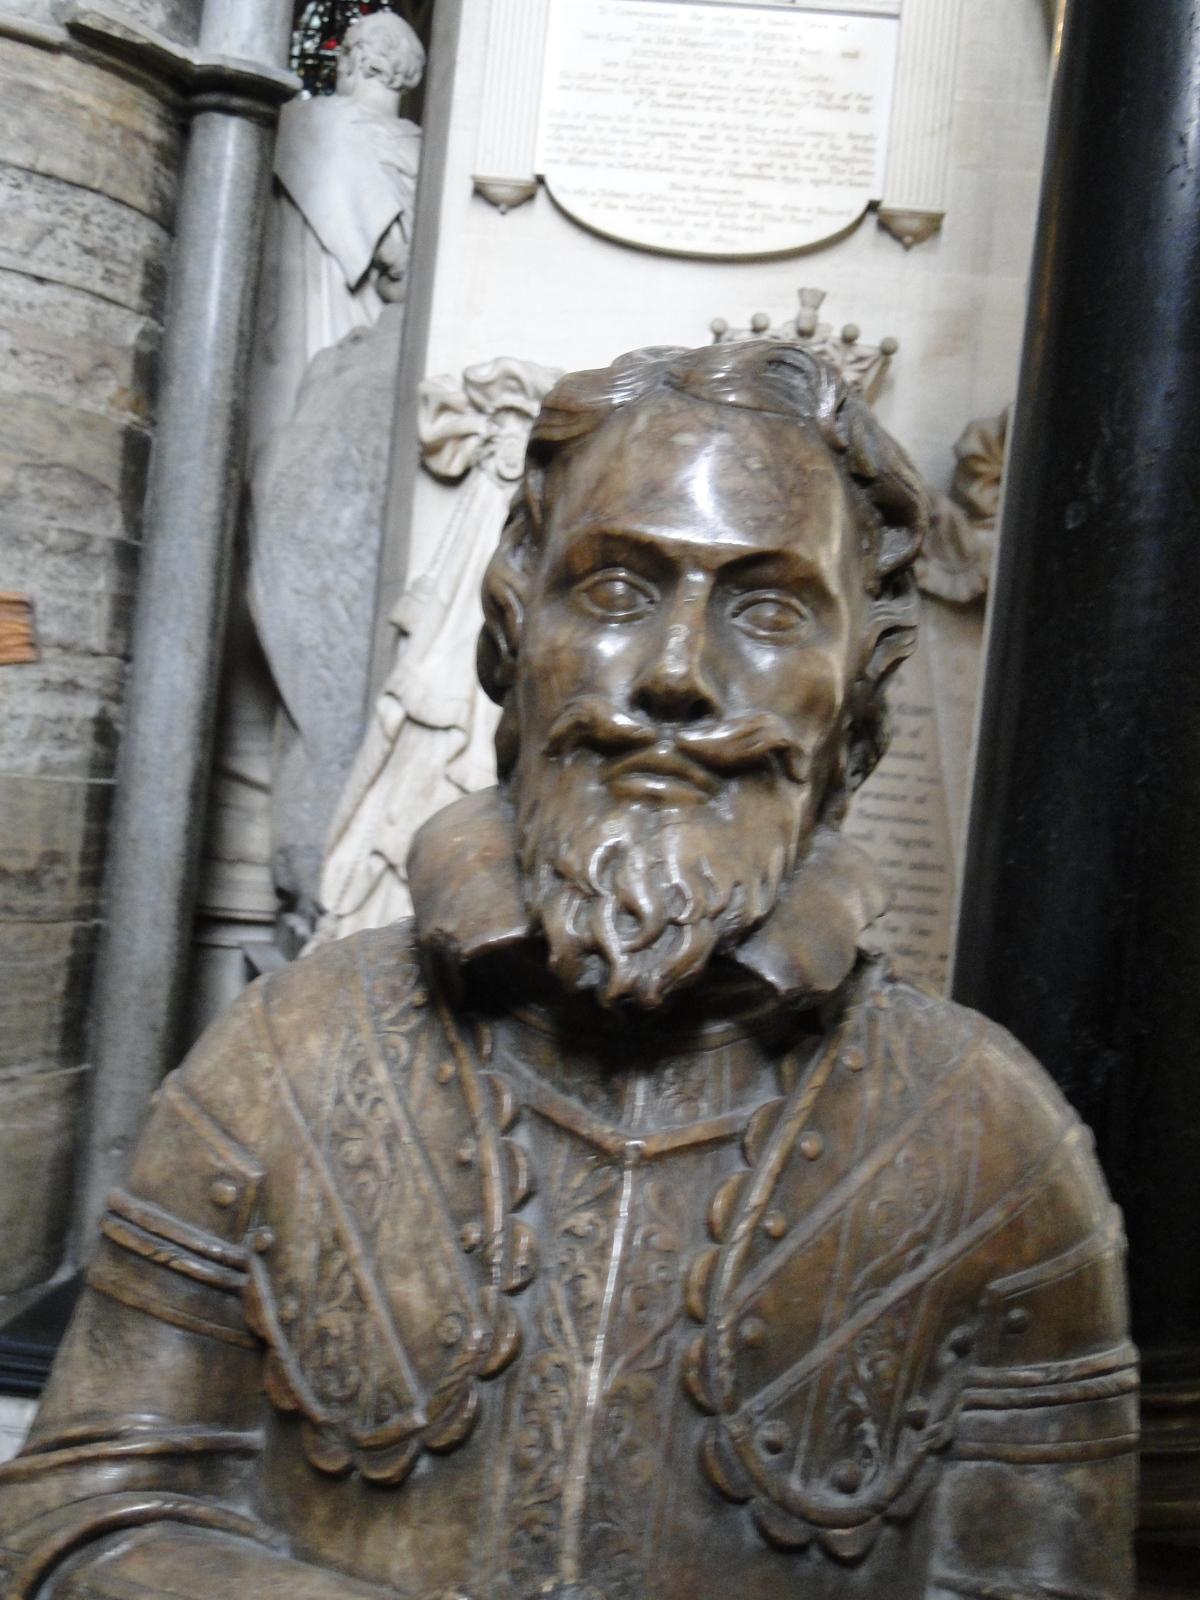 Maximillian Norreys: argumentum, quod vita est, quod fit, dum nos faciens ad alia factusconsilia!